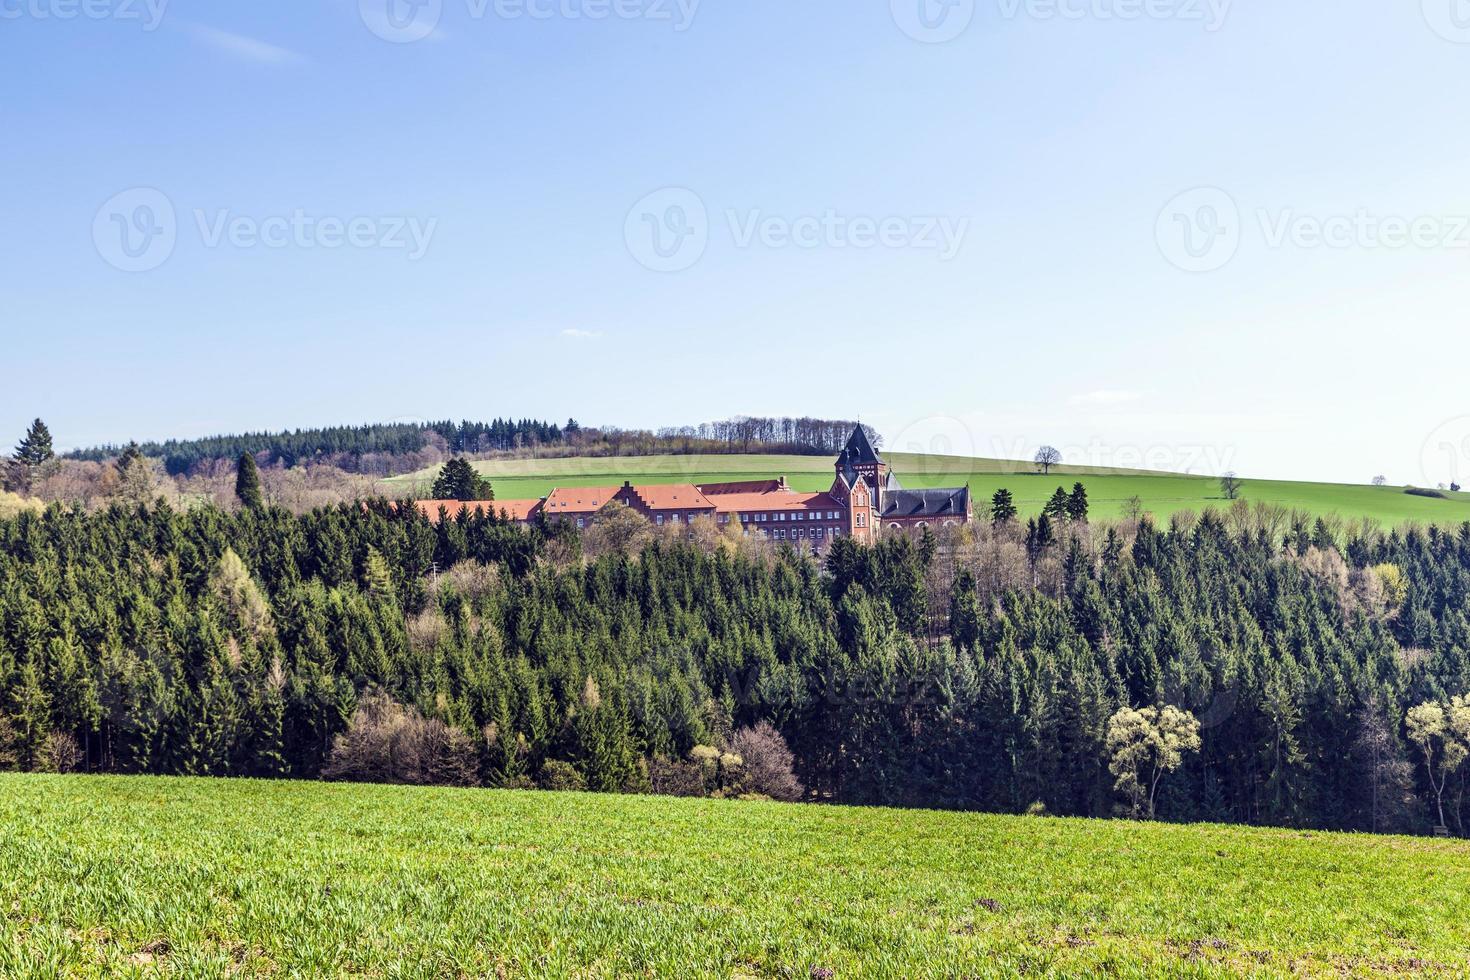 paesaggio con la chiesa dei missionari della parola divina foto